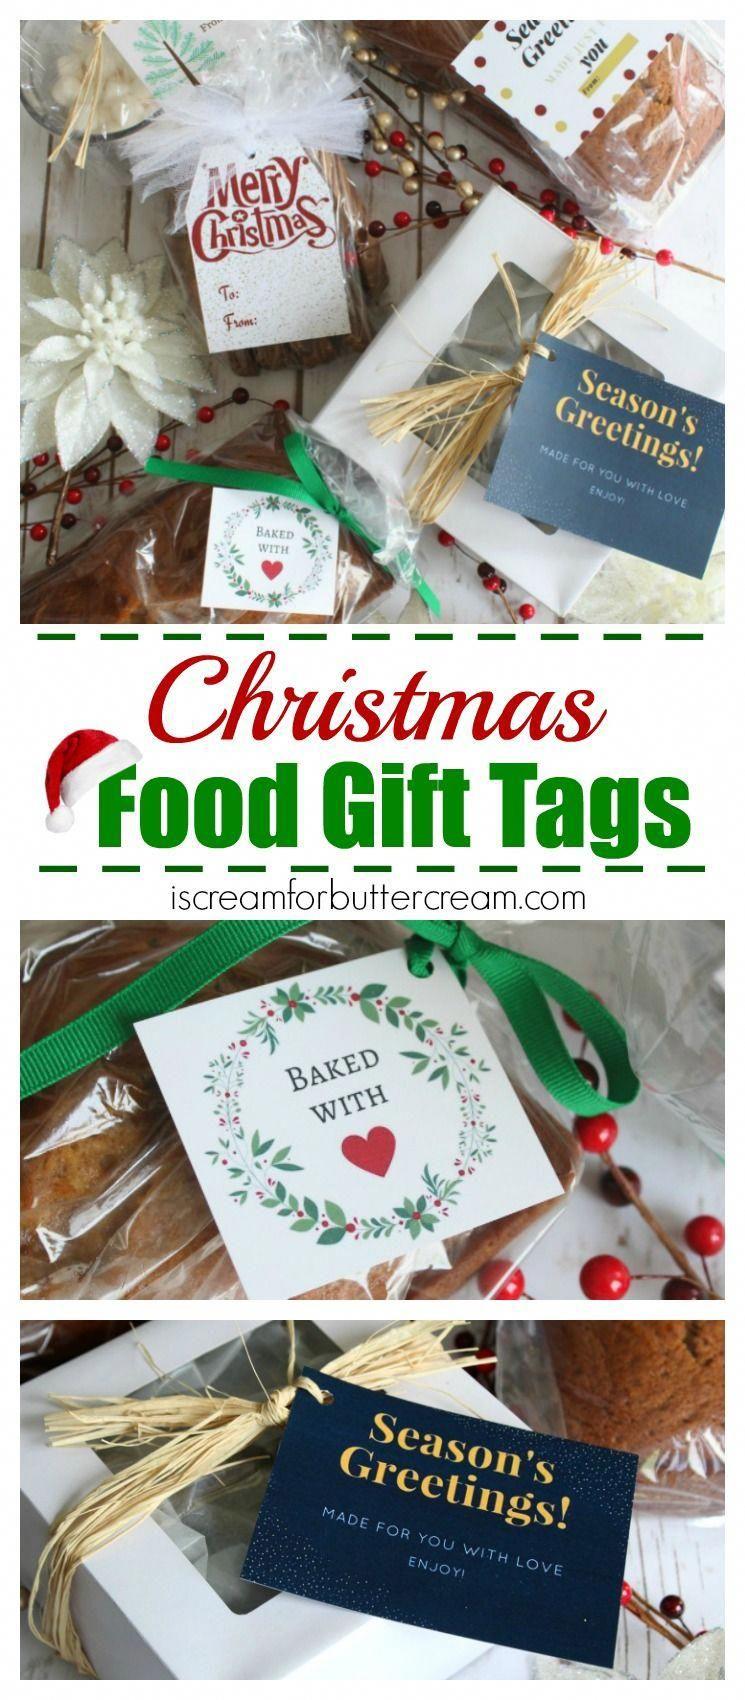 Free Printable Christmas Food Gift Tags | Christmas Cooking Tips - Free Printable Christmas Food Labels